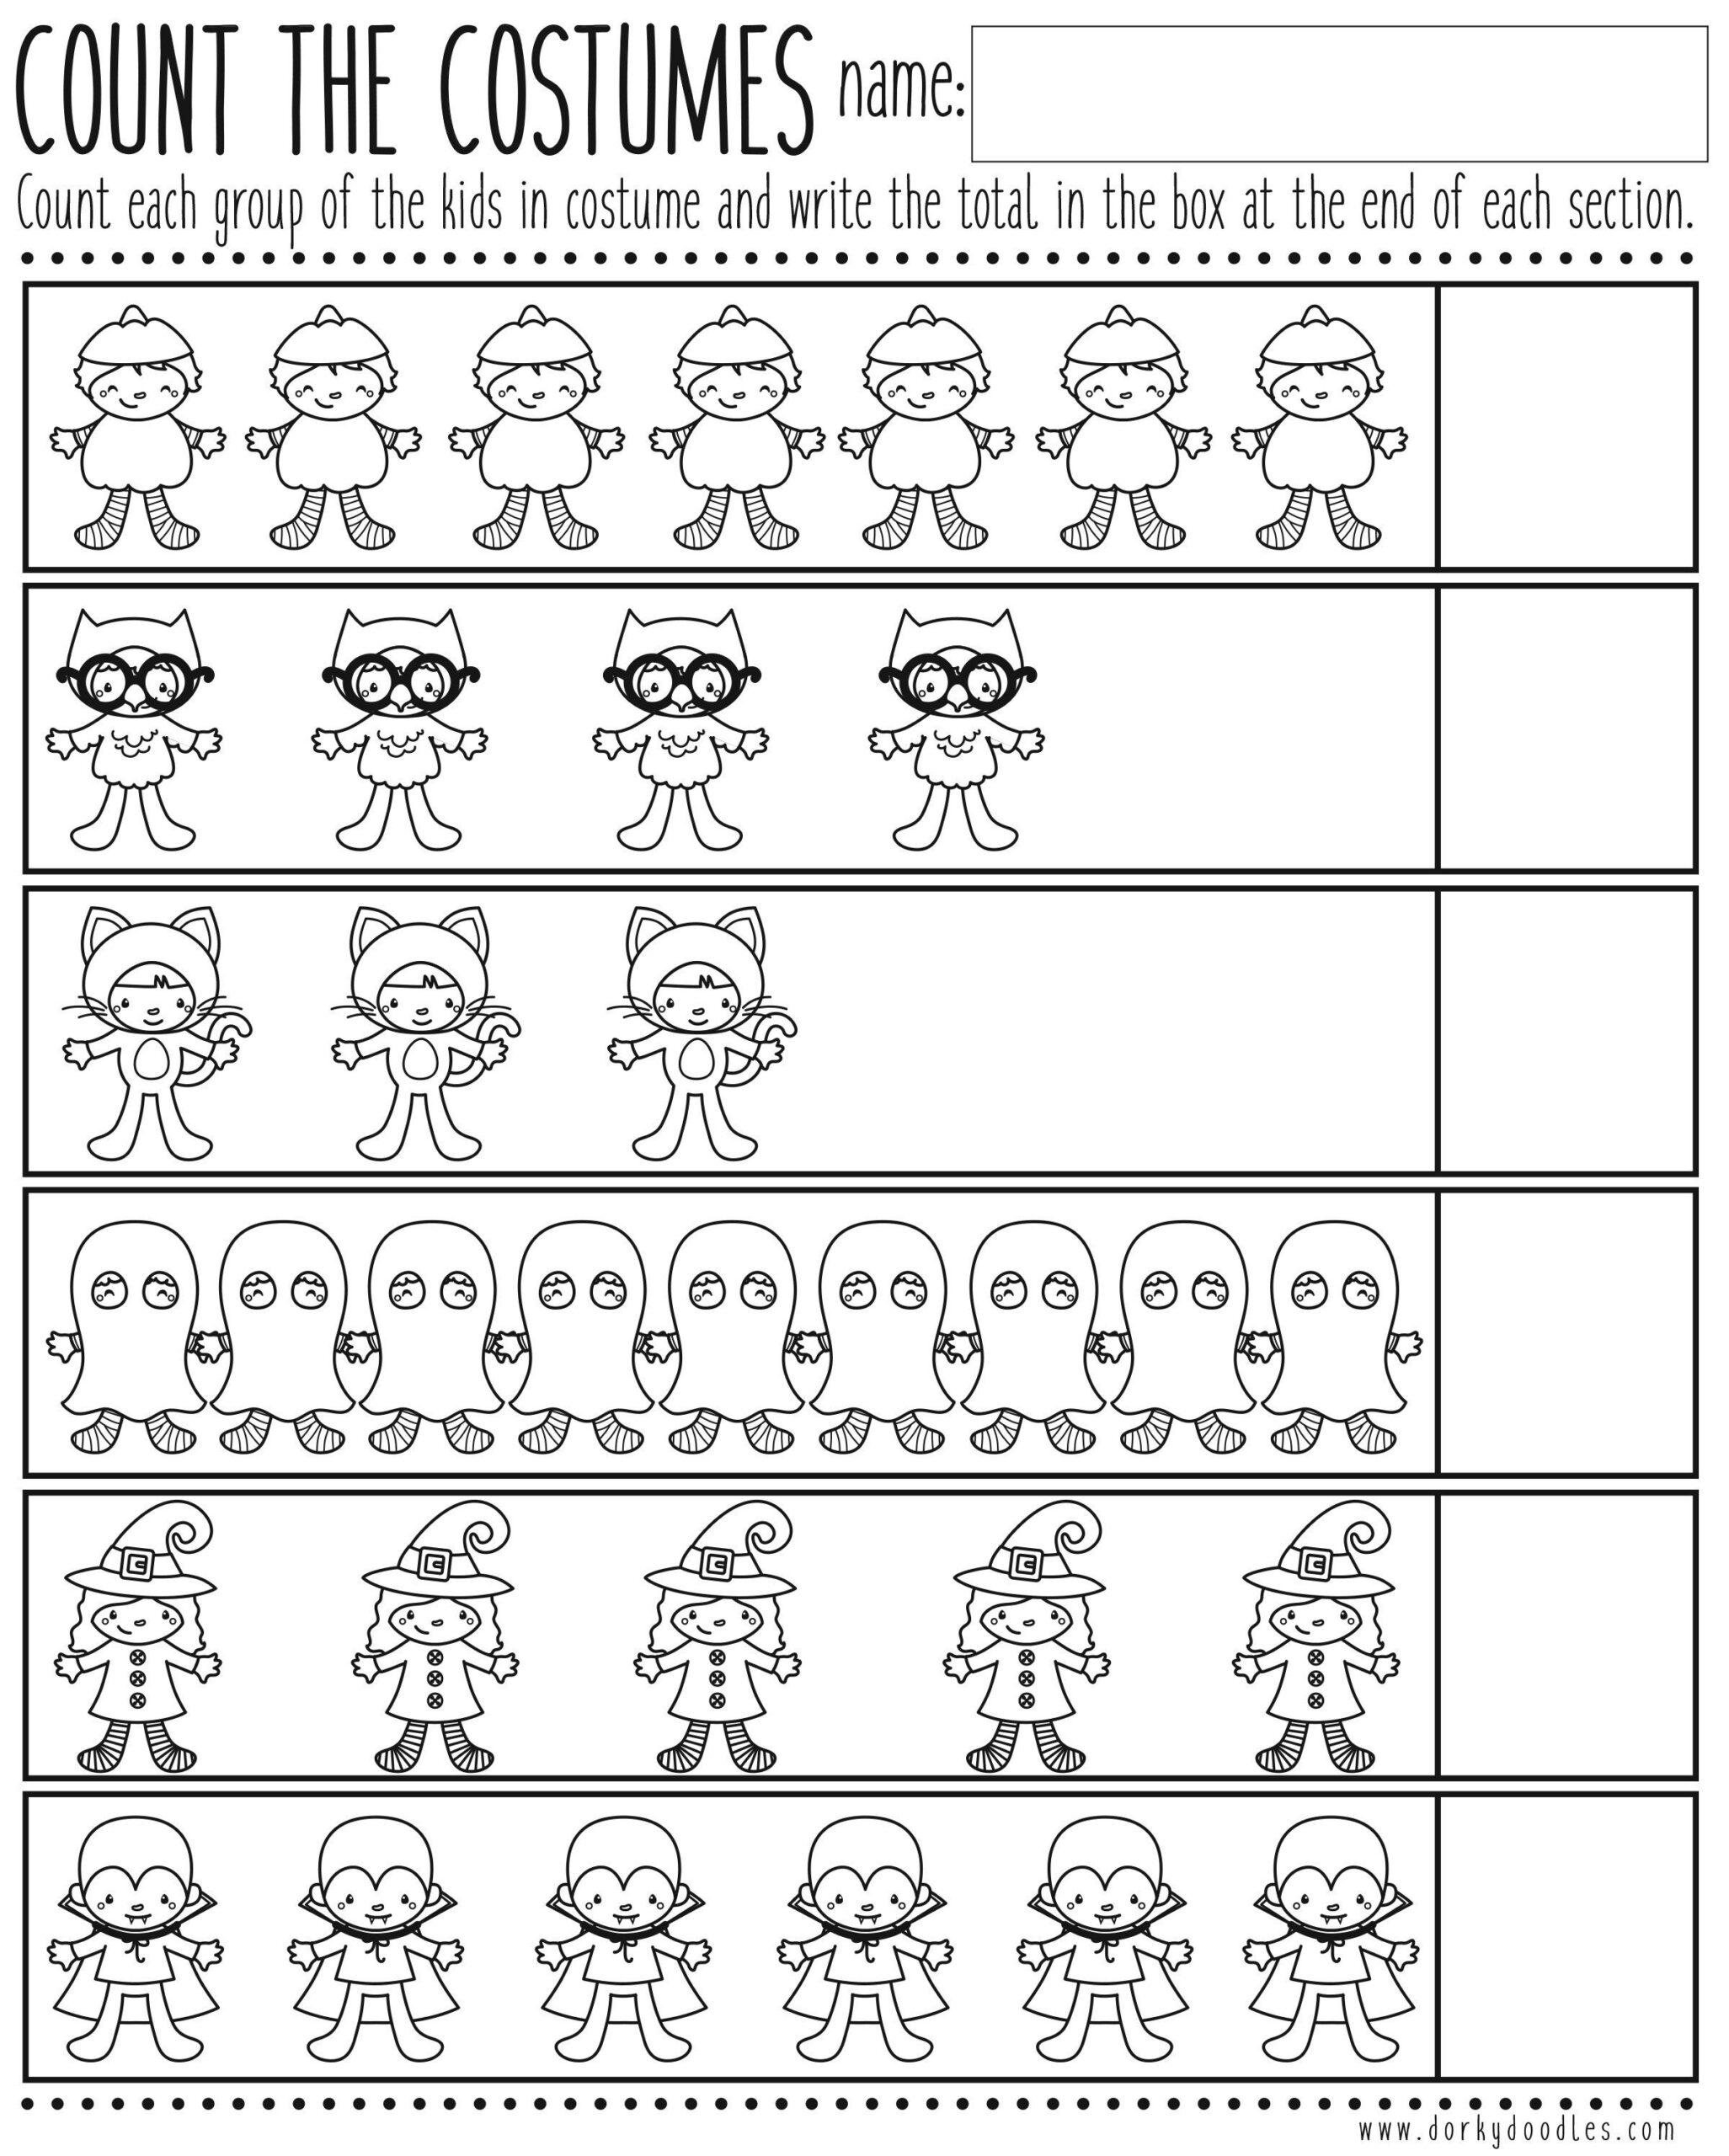 Count The Costumes Printable Worksheet   Kindergarten